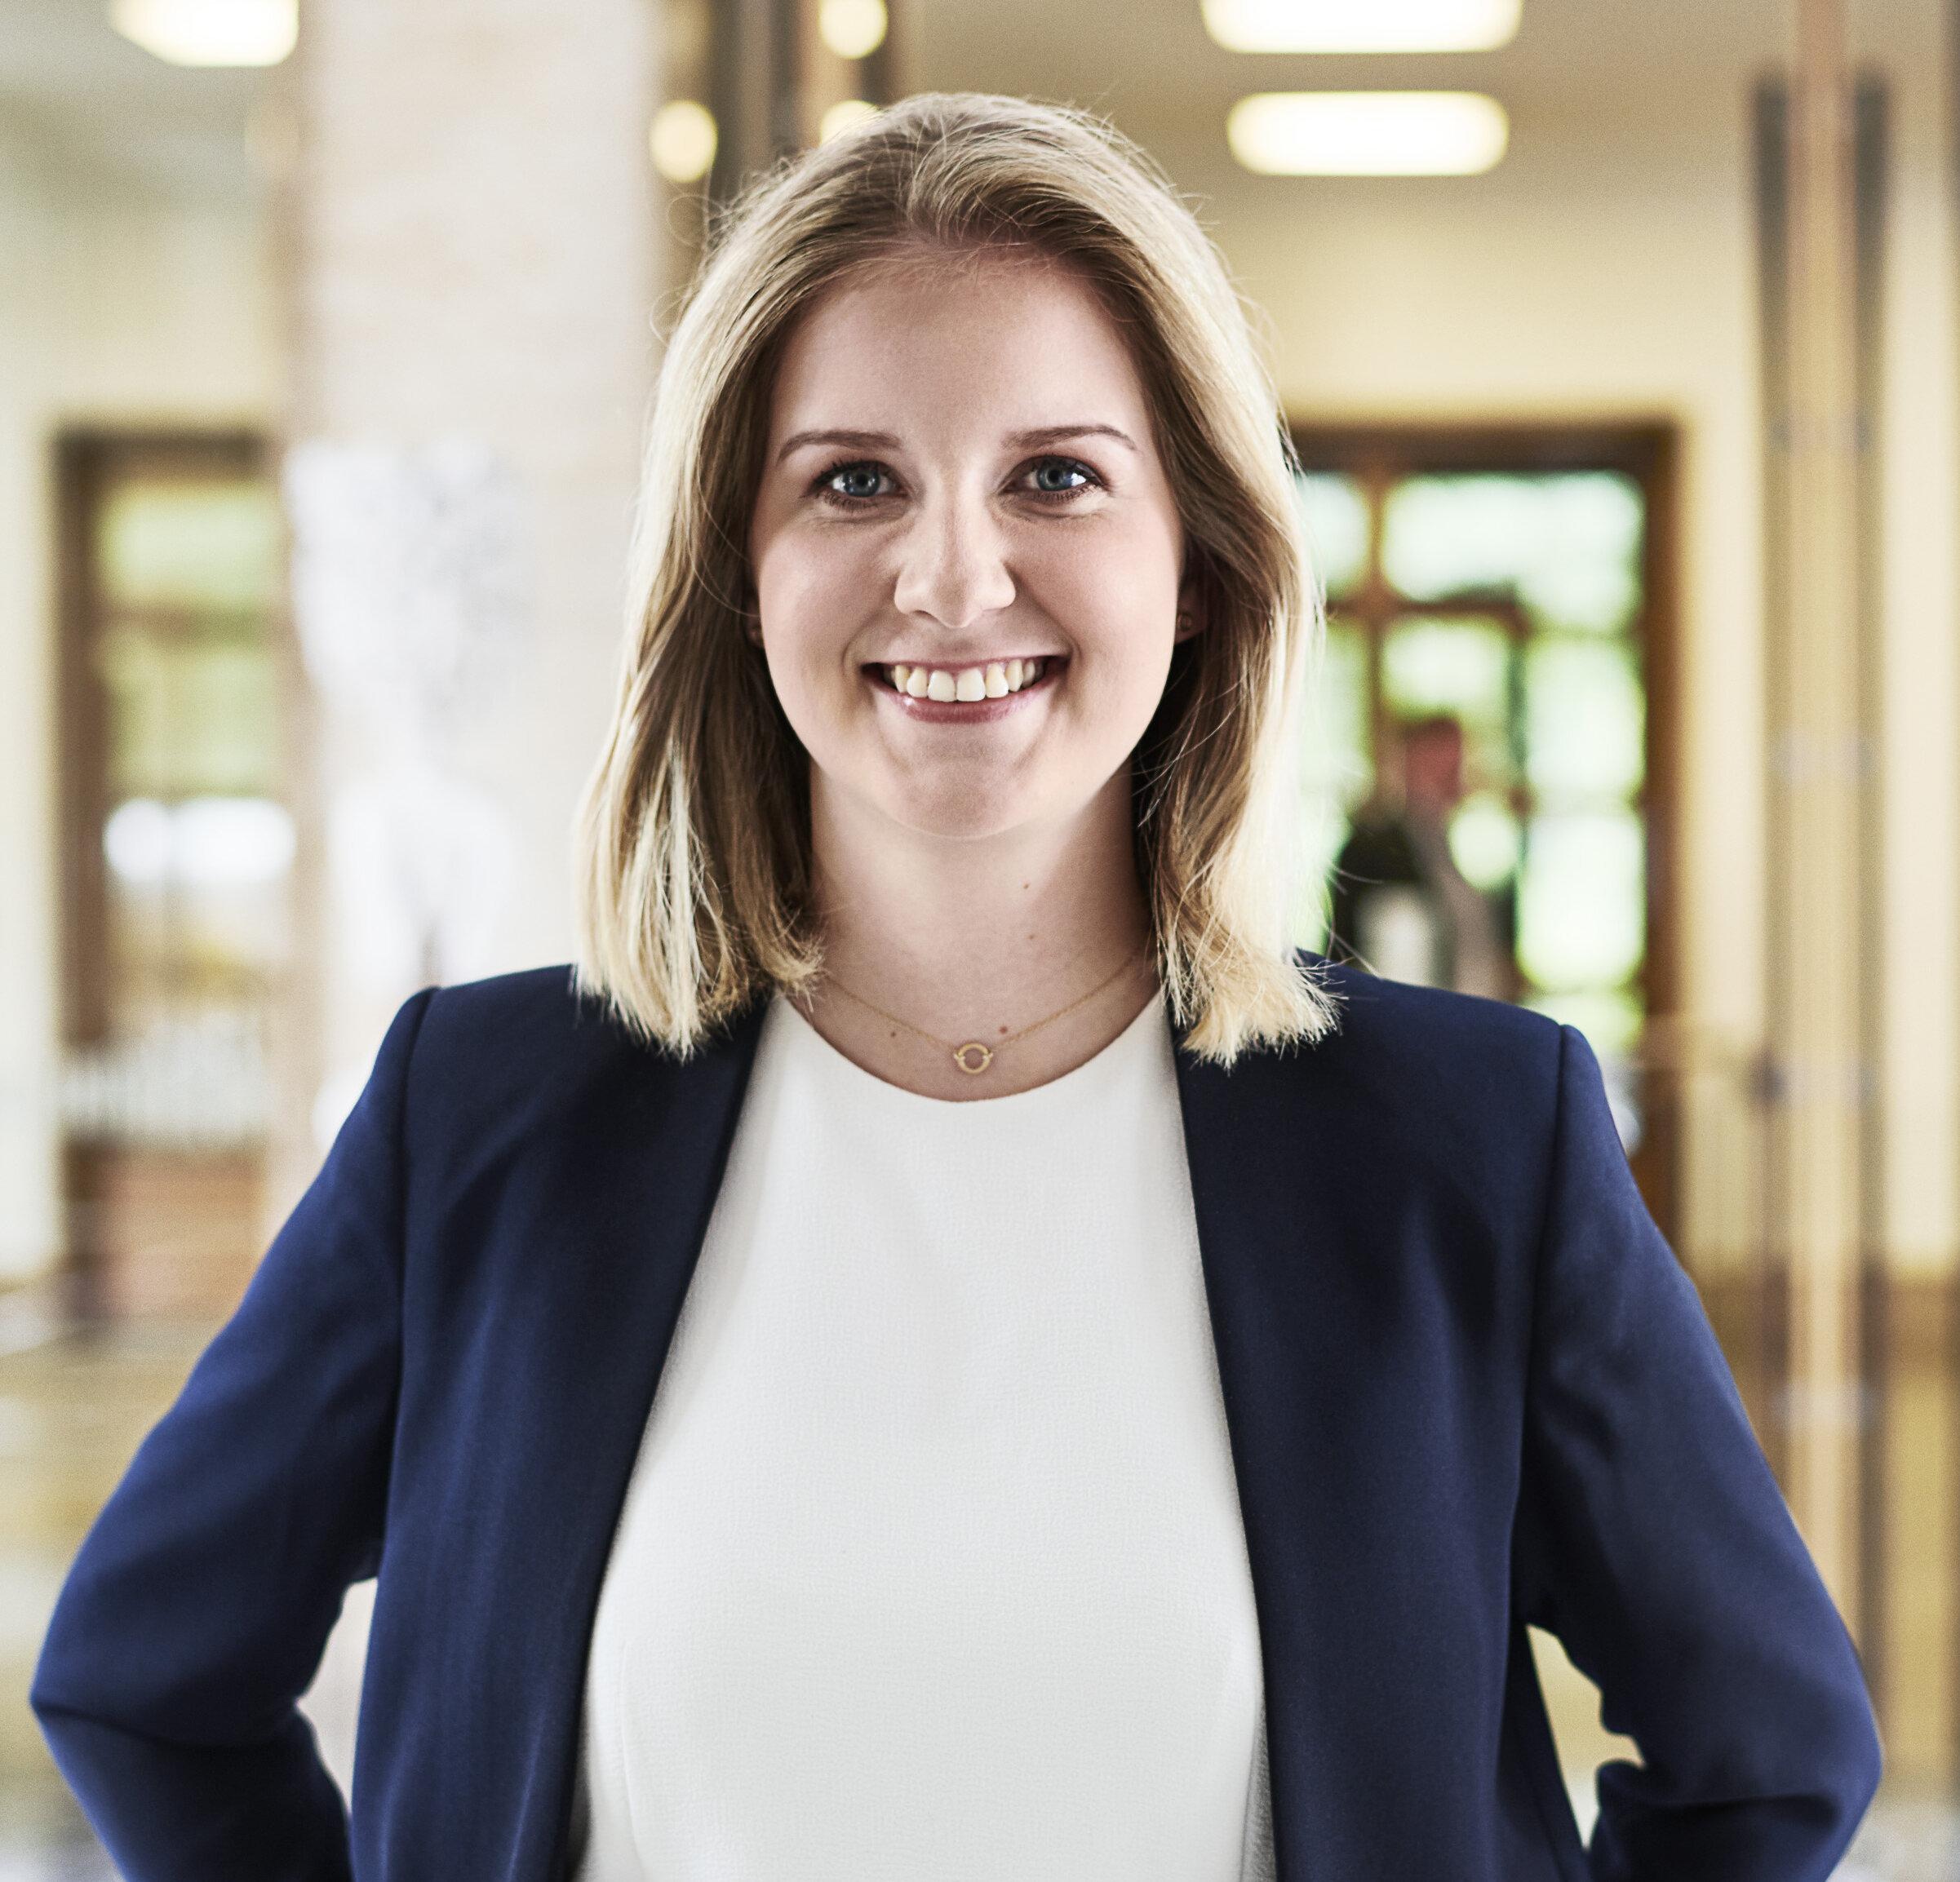 Sarah Binte